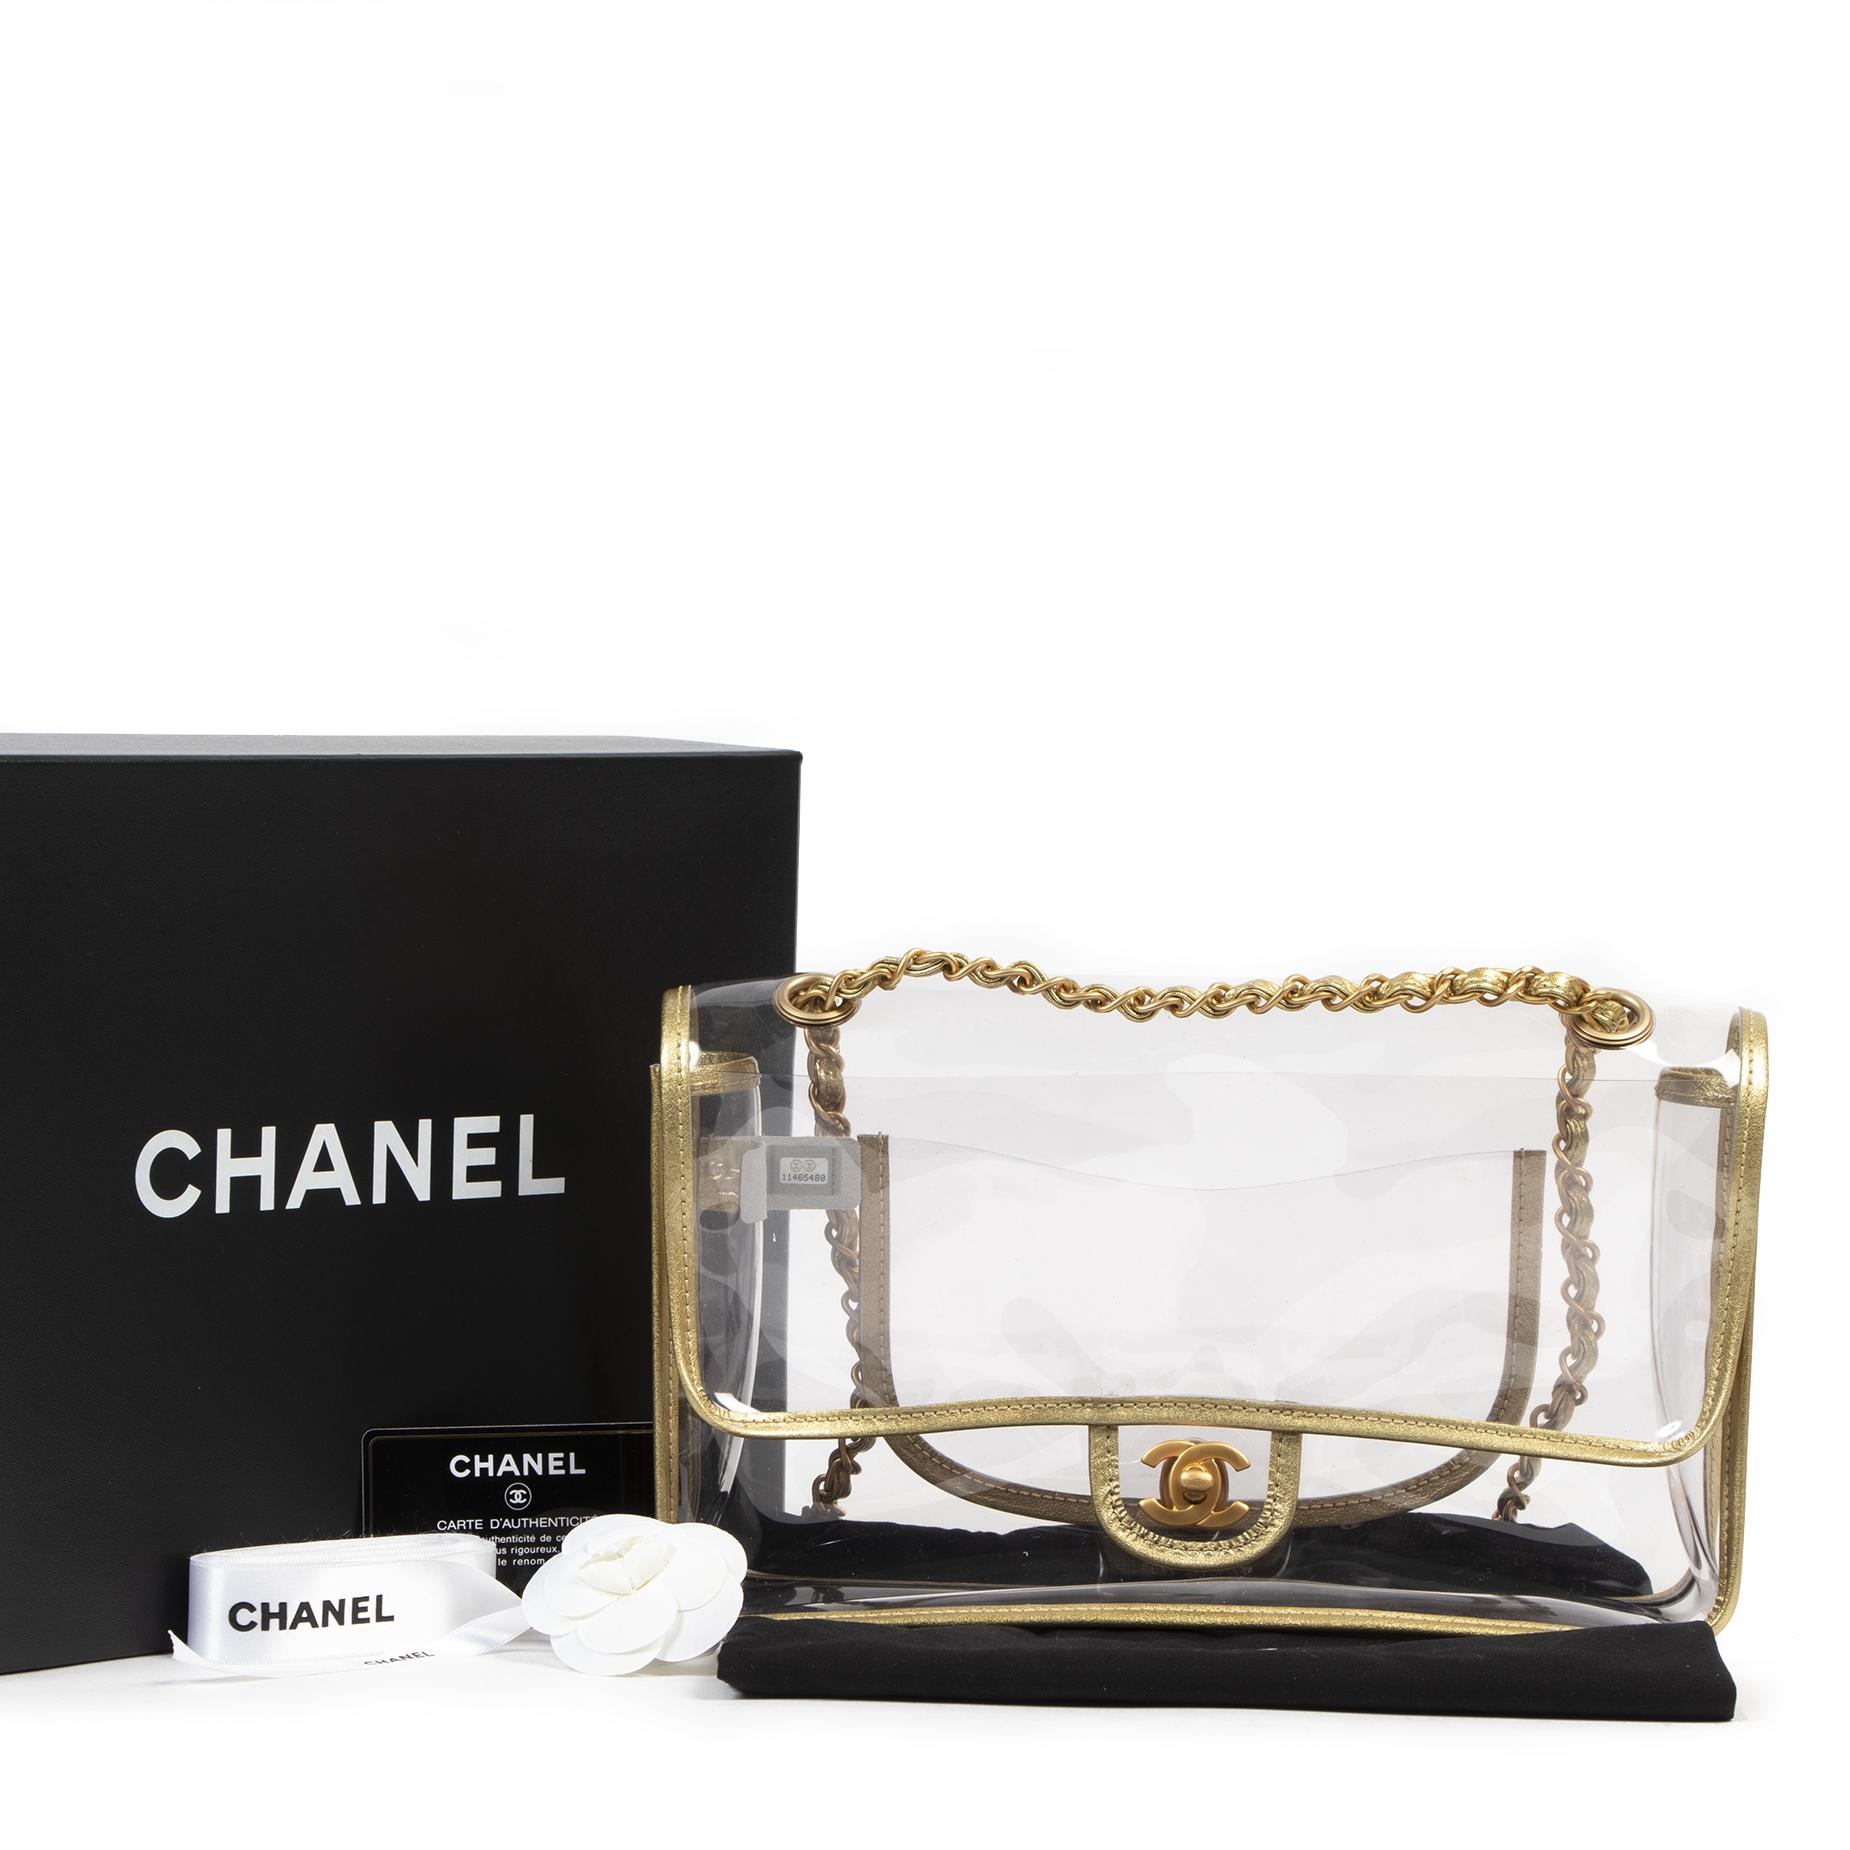 Authentieke Tweedehands As New Chanel Transparent PVC Classic Flap Bag juiste prijs veilig online shoppen luxe merken webshop winkelen Antwerpen België mode fashion